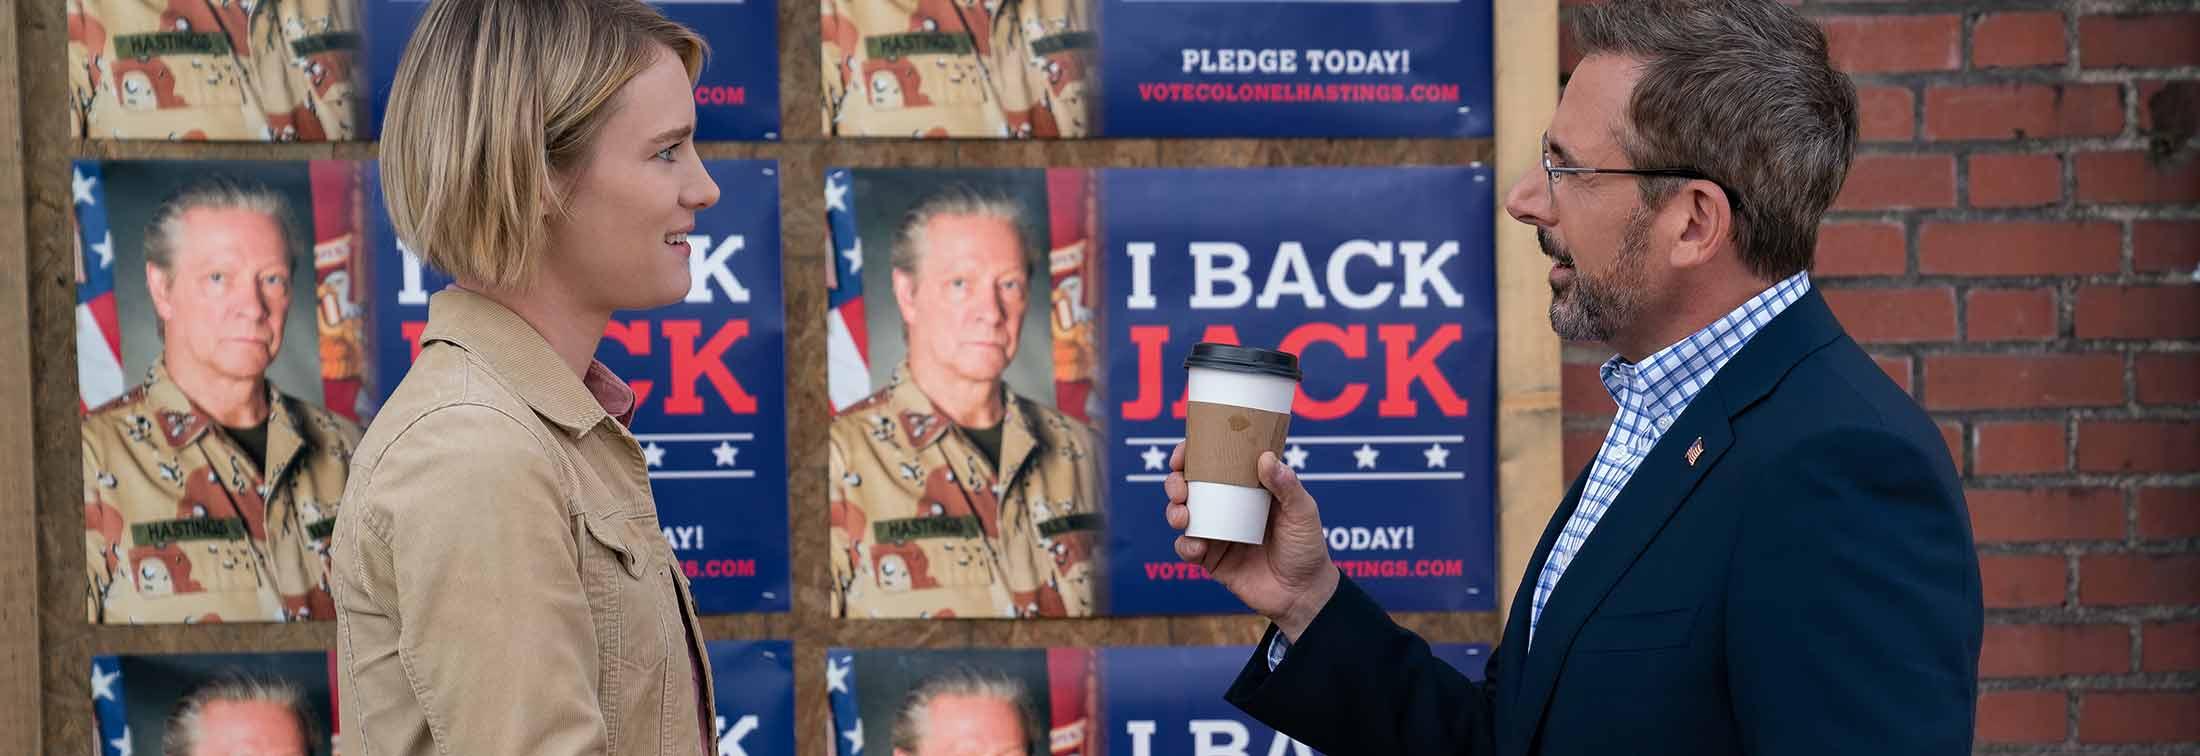 Irresistible - A behind-the-scenes look into the broken U.S. electoral system